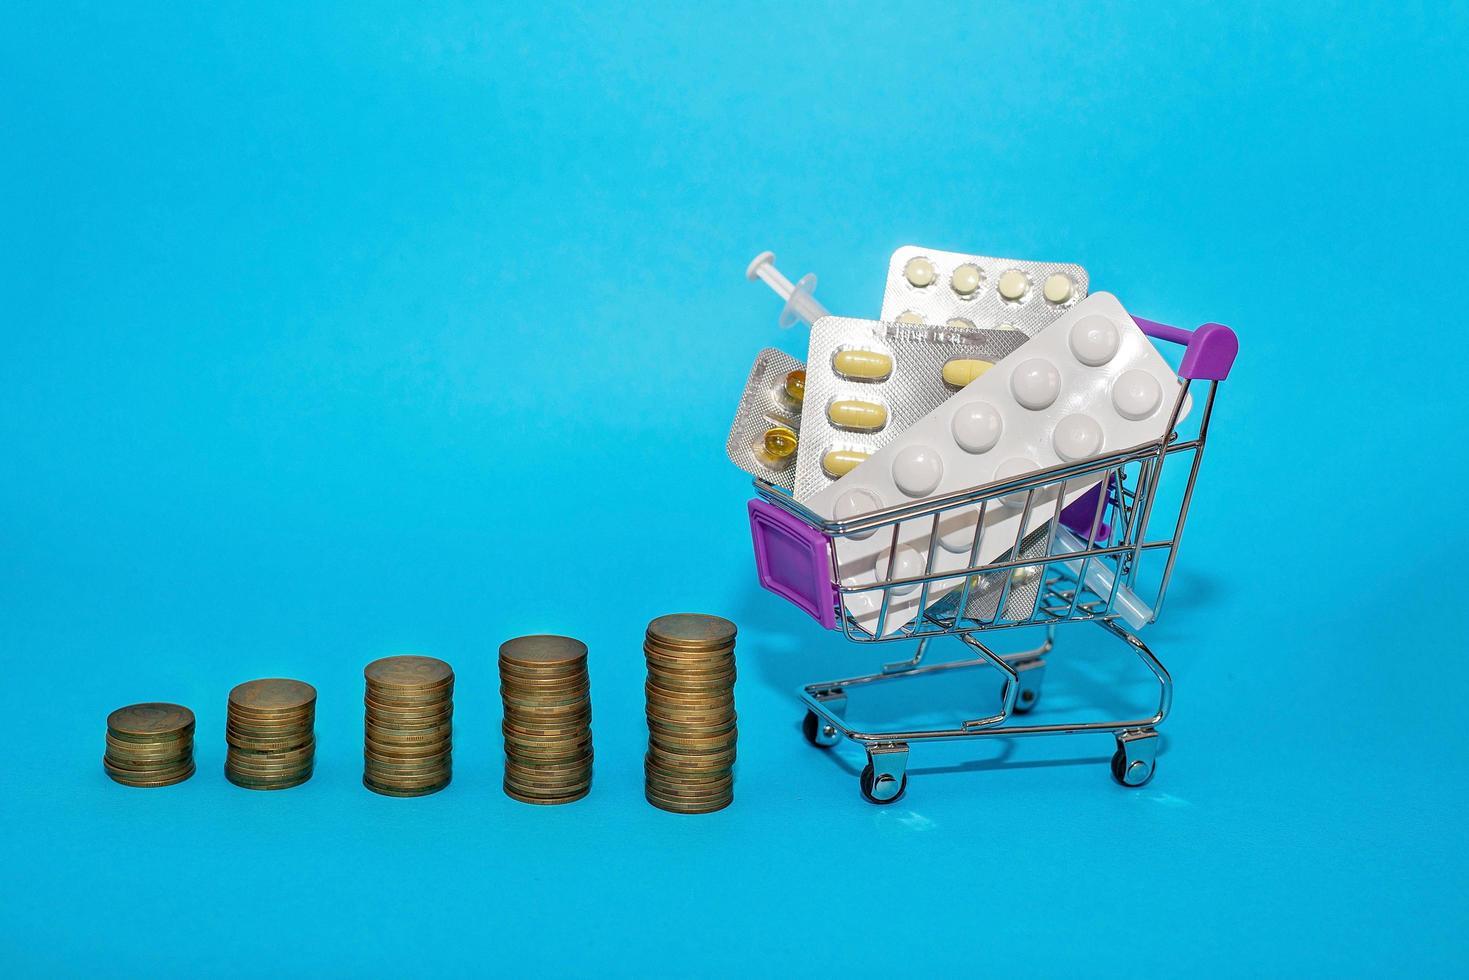 en bunt mynt i rad med en matkorg med mediciner på en blå bakgrund. läkemedelsprishopp koncept språng. covid-19 coronoviruspandemi foto